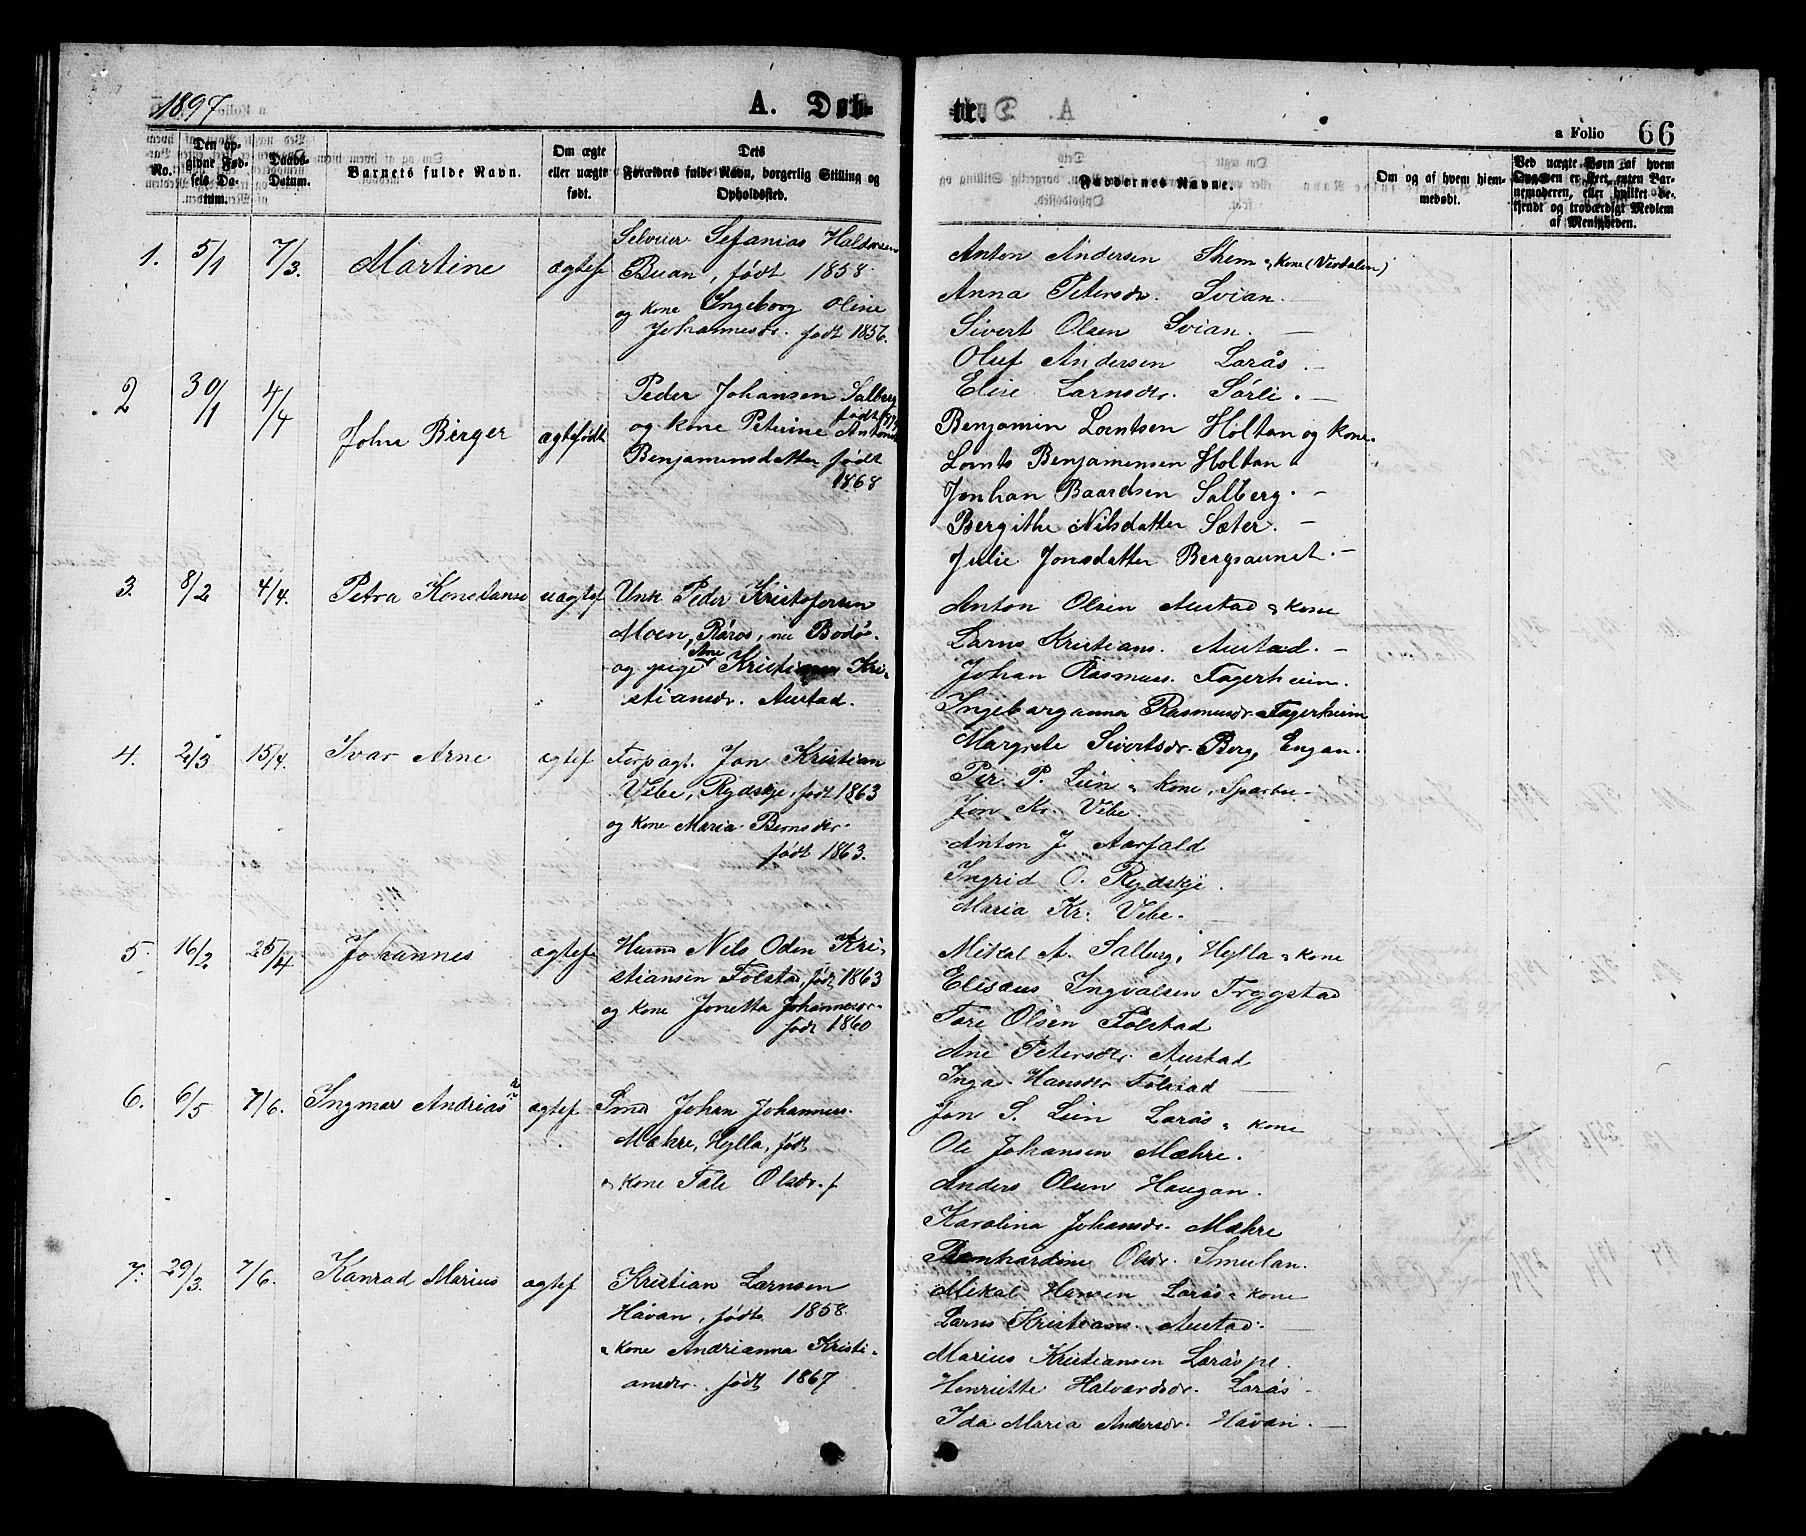 SAT, Ministerialprotokoller, klokkerbøker og fødselsregistre - Nord-Trøndelag, 731/L0311: Klokkerbok nr. 731C02, 1875-1911, s. 66